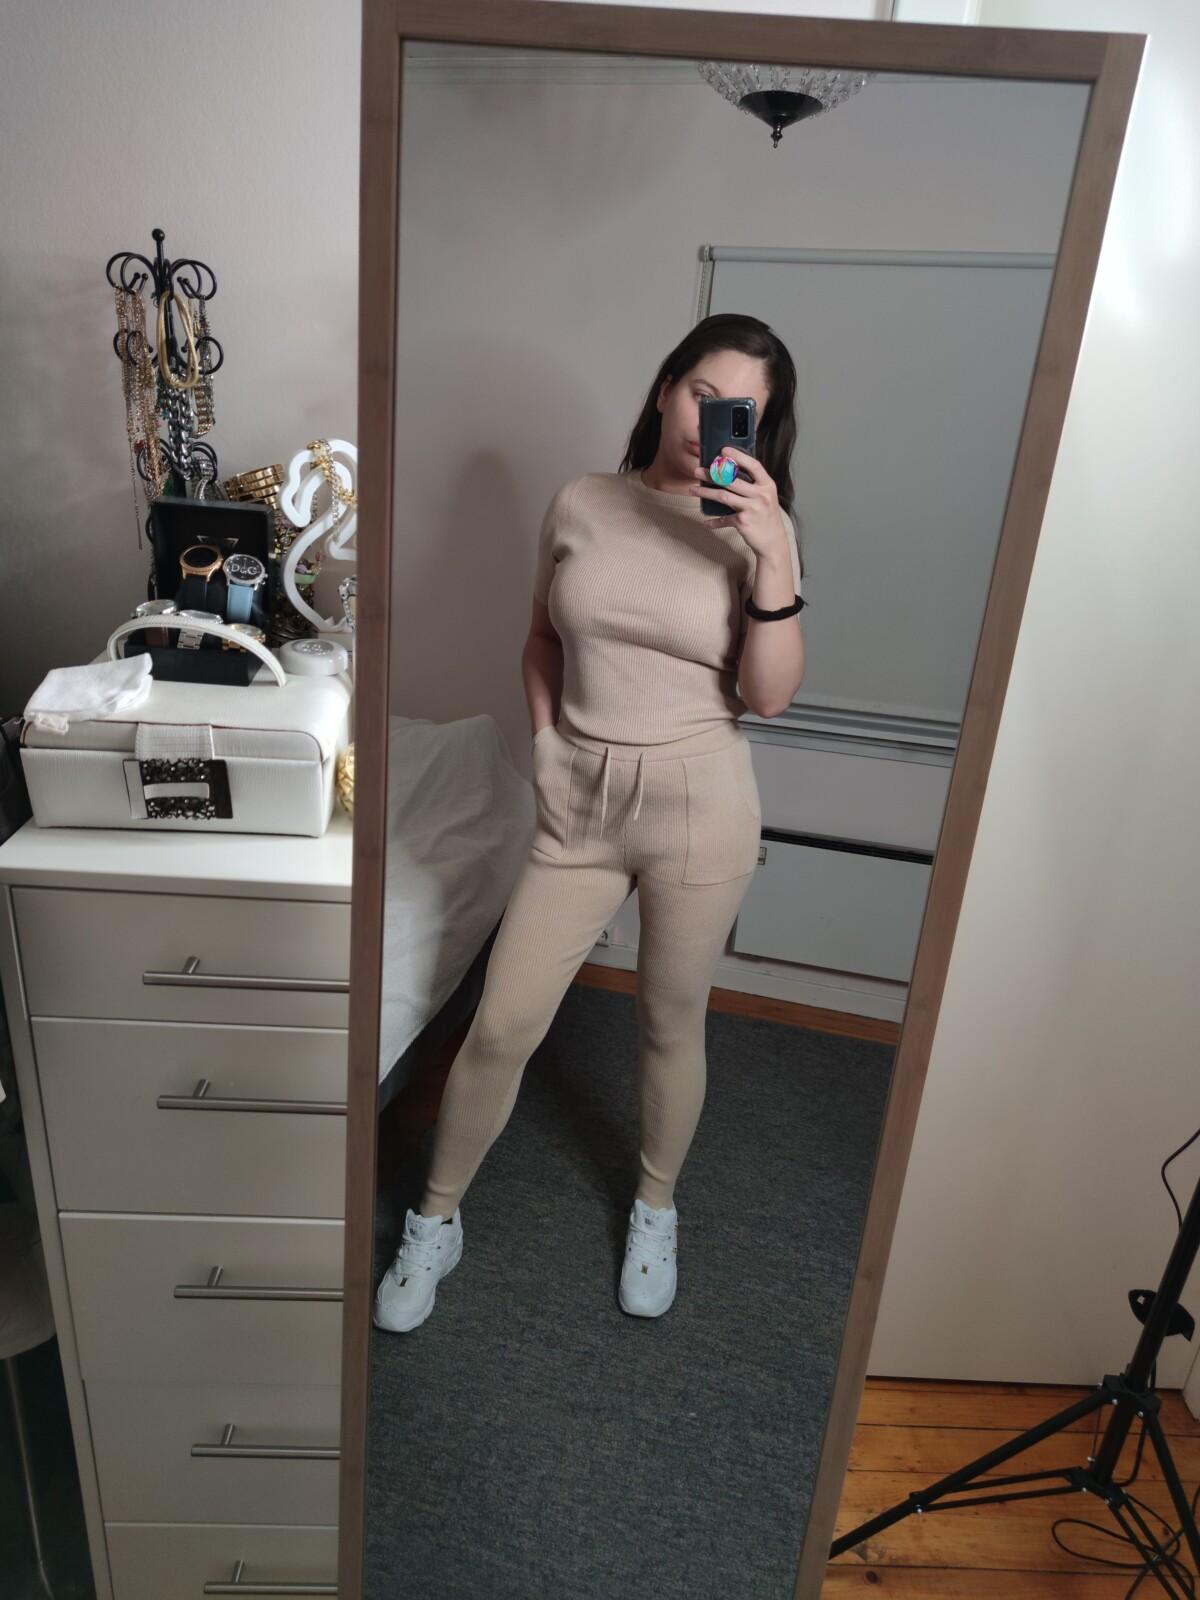 isalicious-isalicious1-isalicious.blogg.no-mote-trend-stil-blogg-blogger-outfit-antrekk-klær-innkjøp-famme-treningsklær-loungeklær-outfit-antrekk